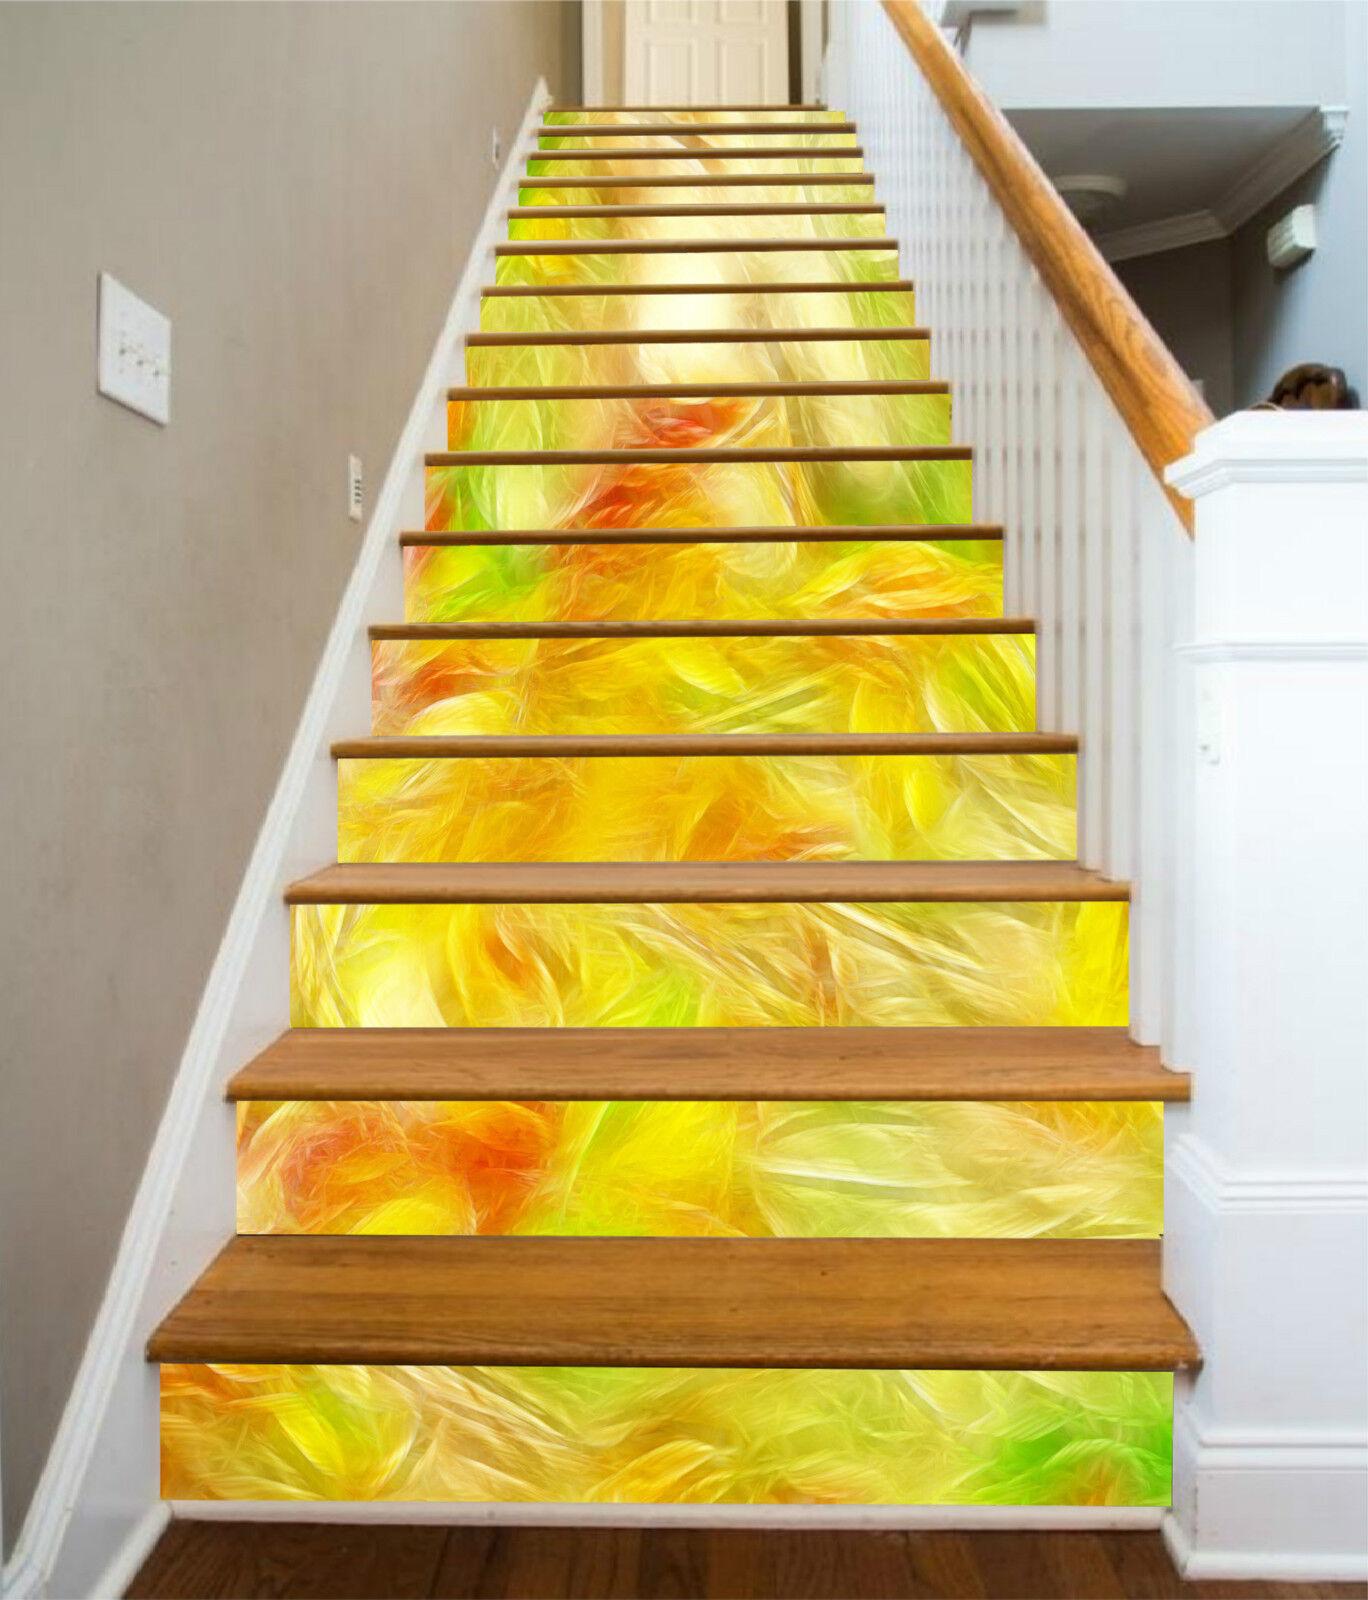 3D Helle Muster 344 Stair Risers Dekoration Fototapete Vinyl Aufkleber Tapete DE